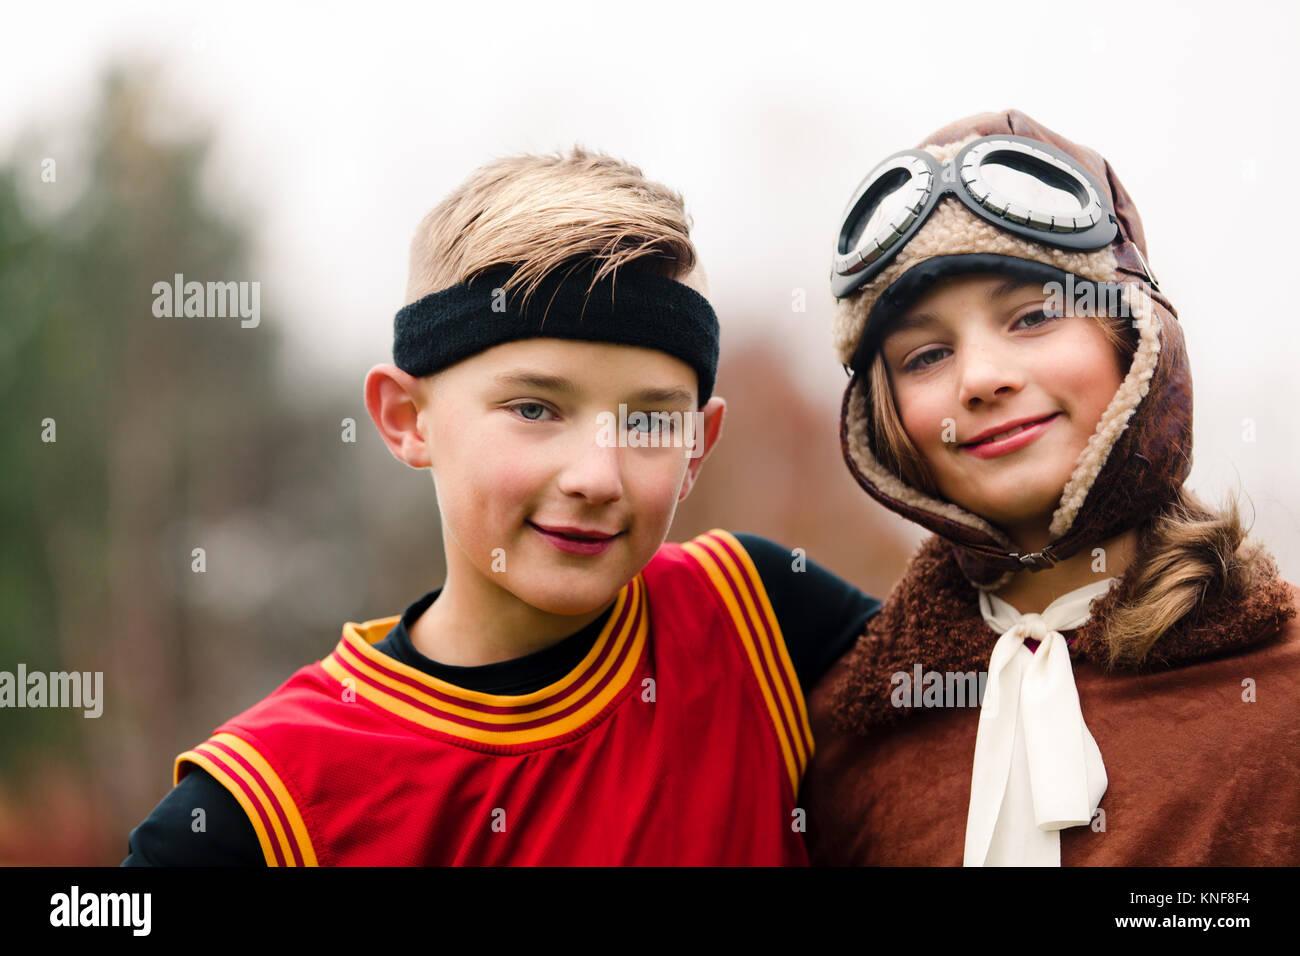 Portrait de garçon et soeur jumelle de basket-ball et de porter des costumes pour Halloween pilote Photo Stock